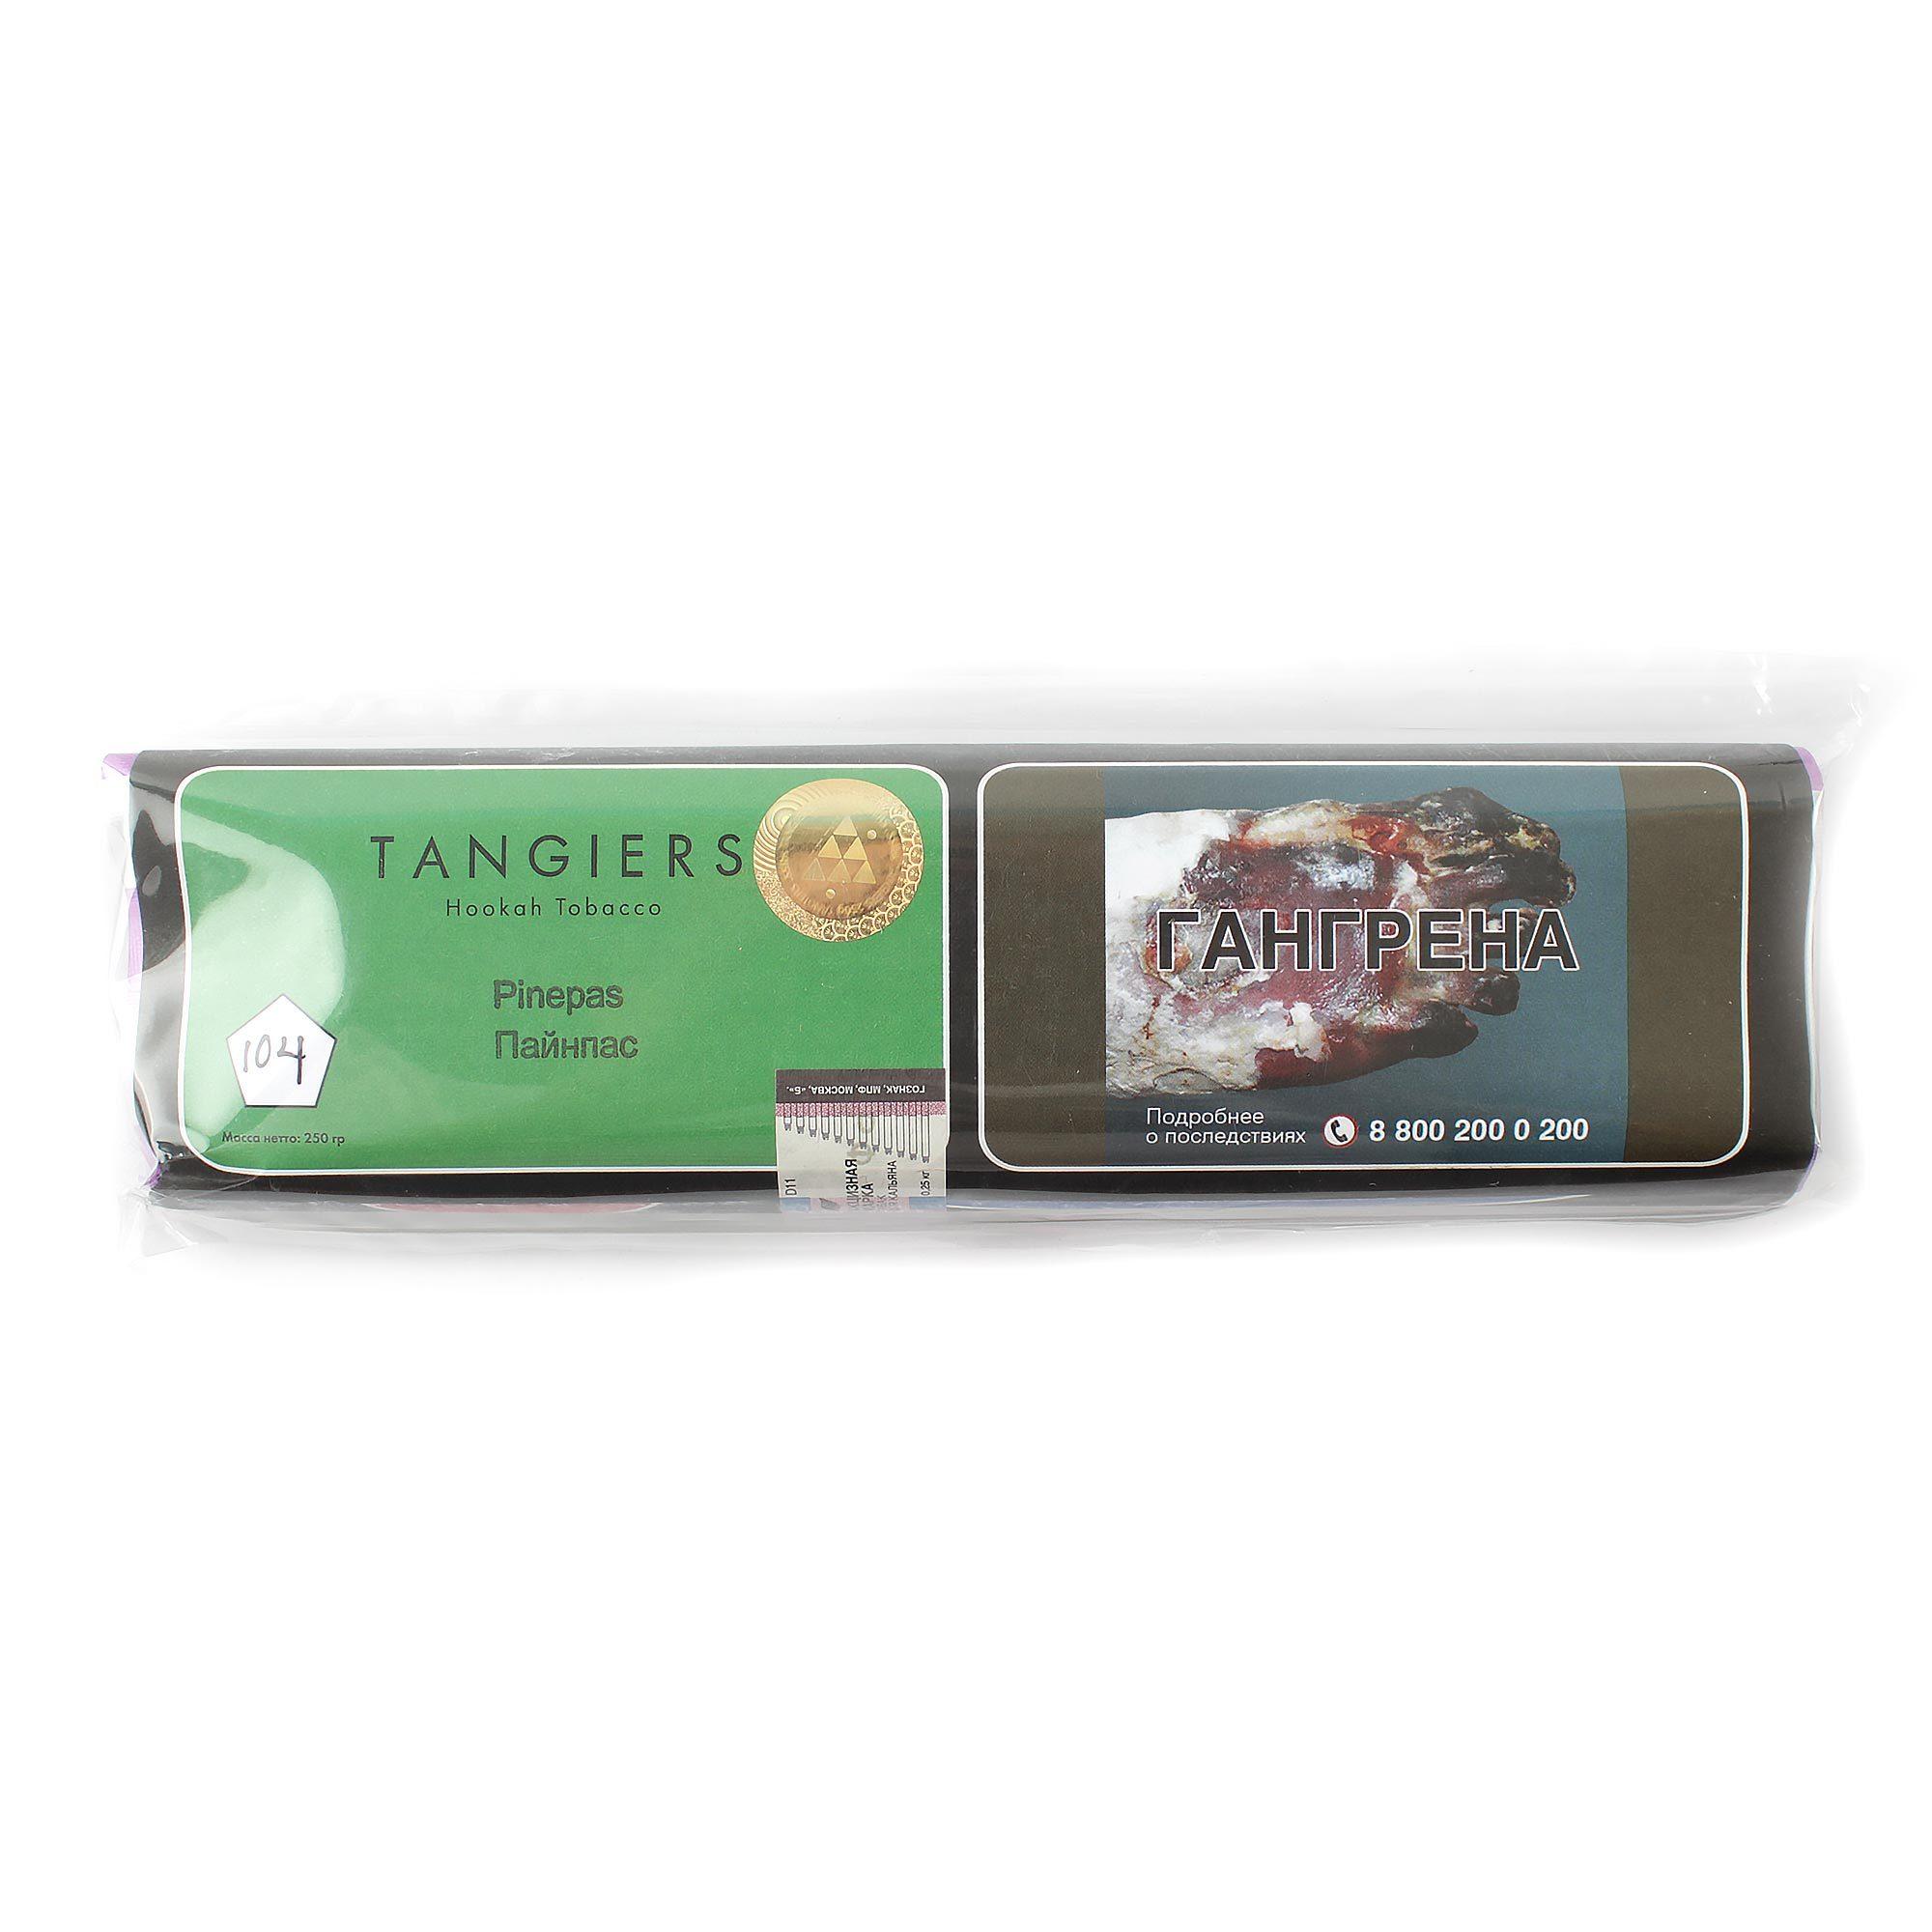 Табак для кальяна Tangiers Birquq (зеленый) 104 Pinepas